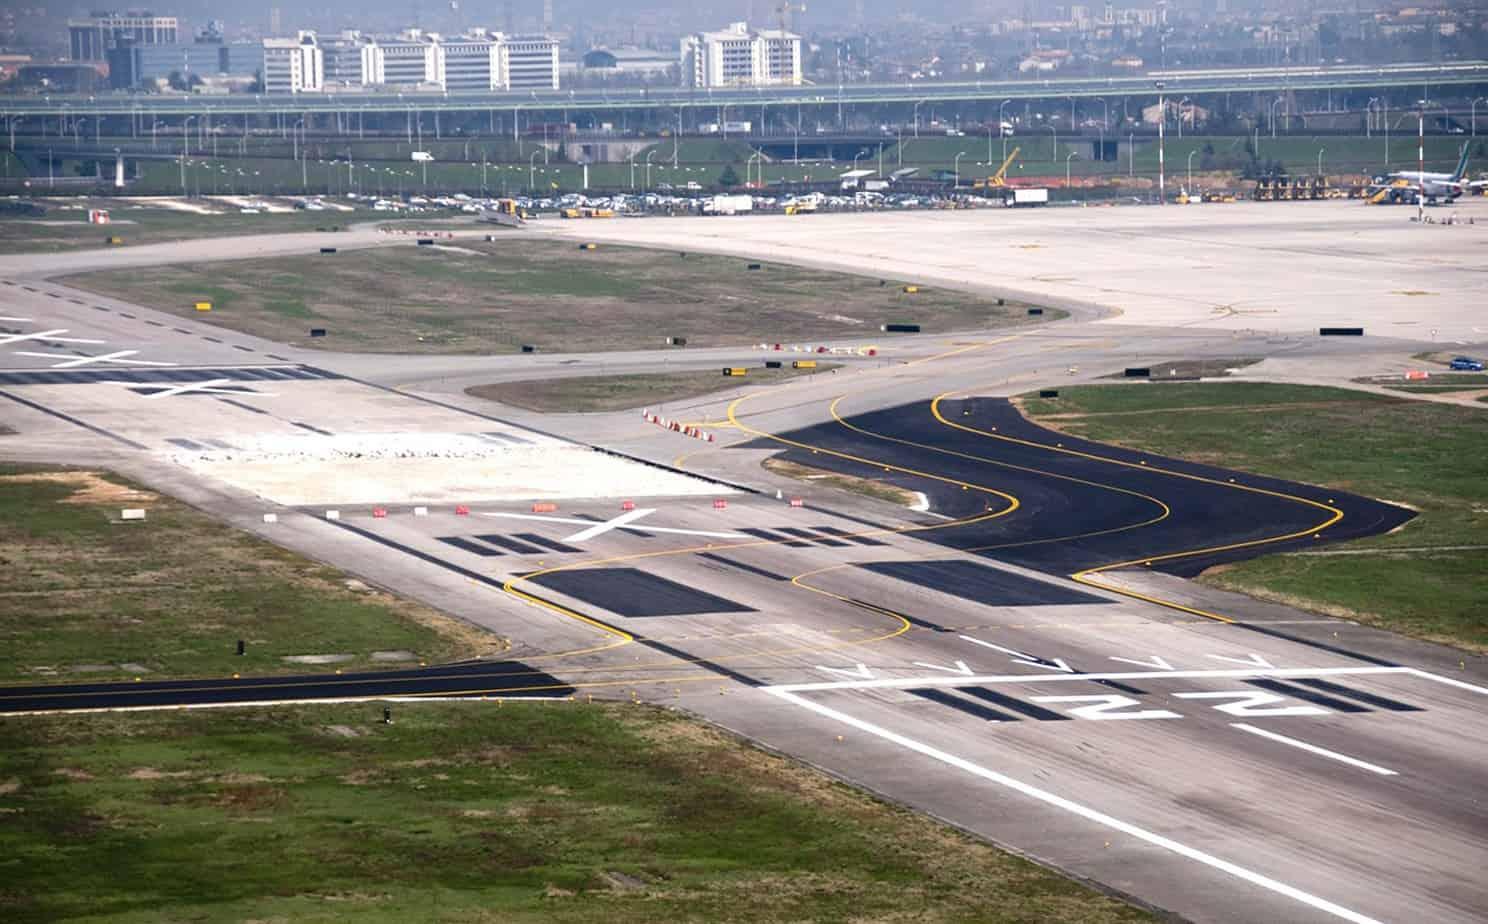 La riqualifica della pista di volo in Testata 22 (progetto esecutivo) nella Tabella 3